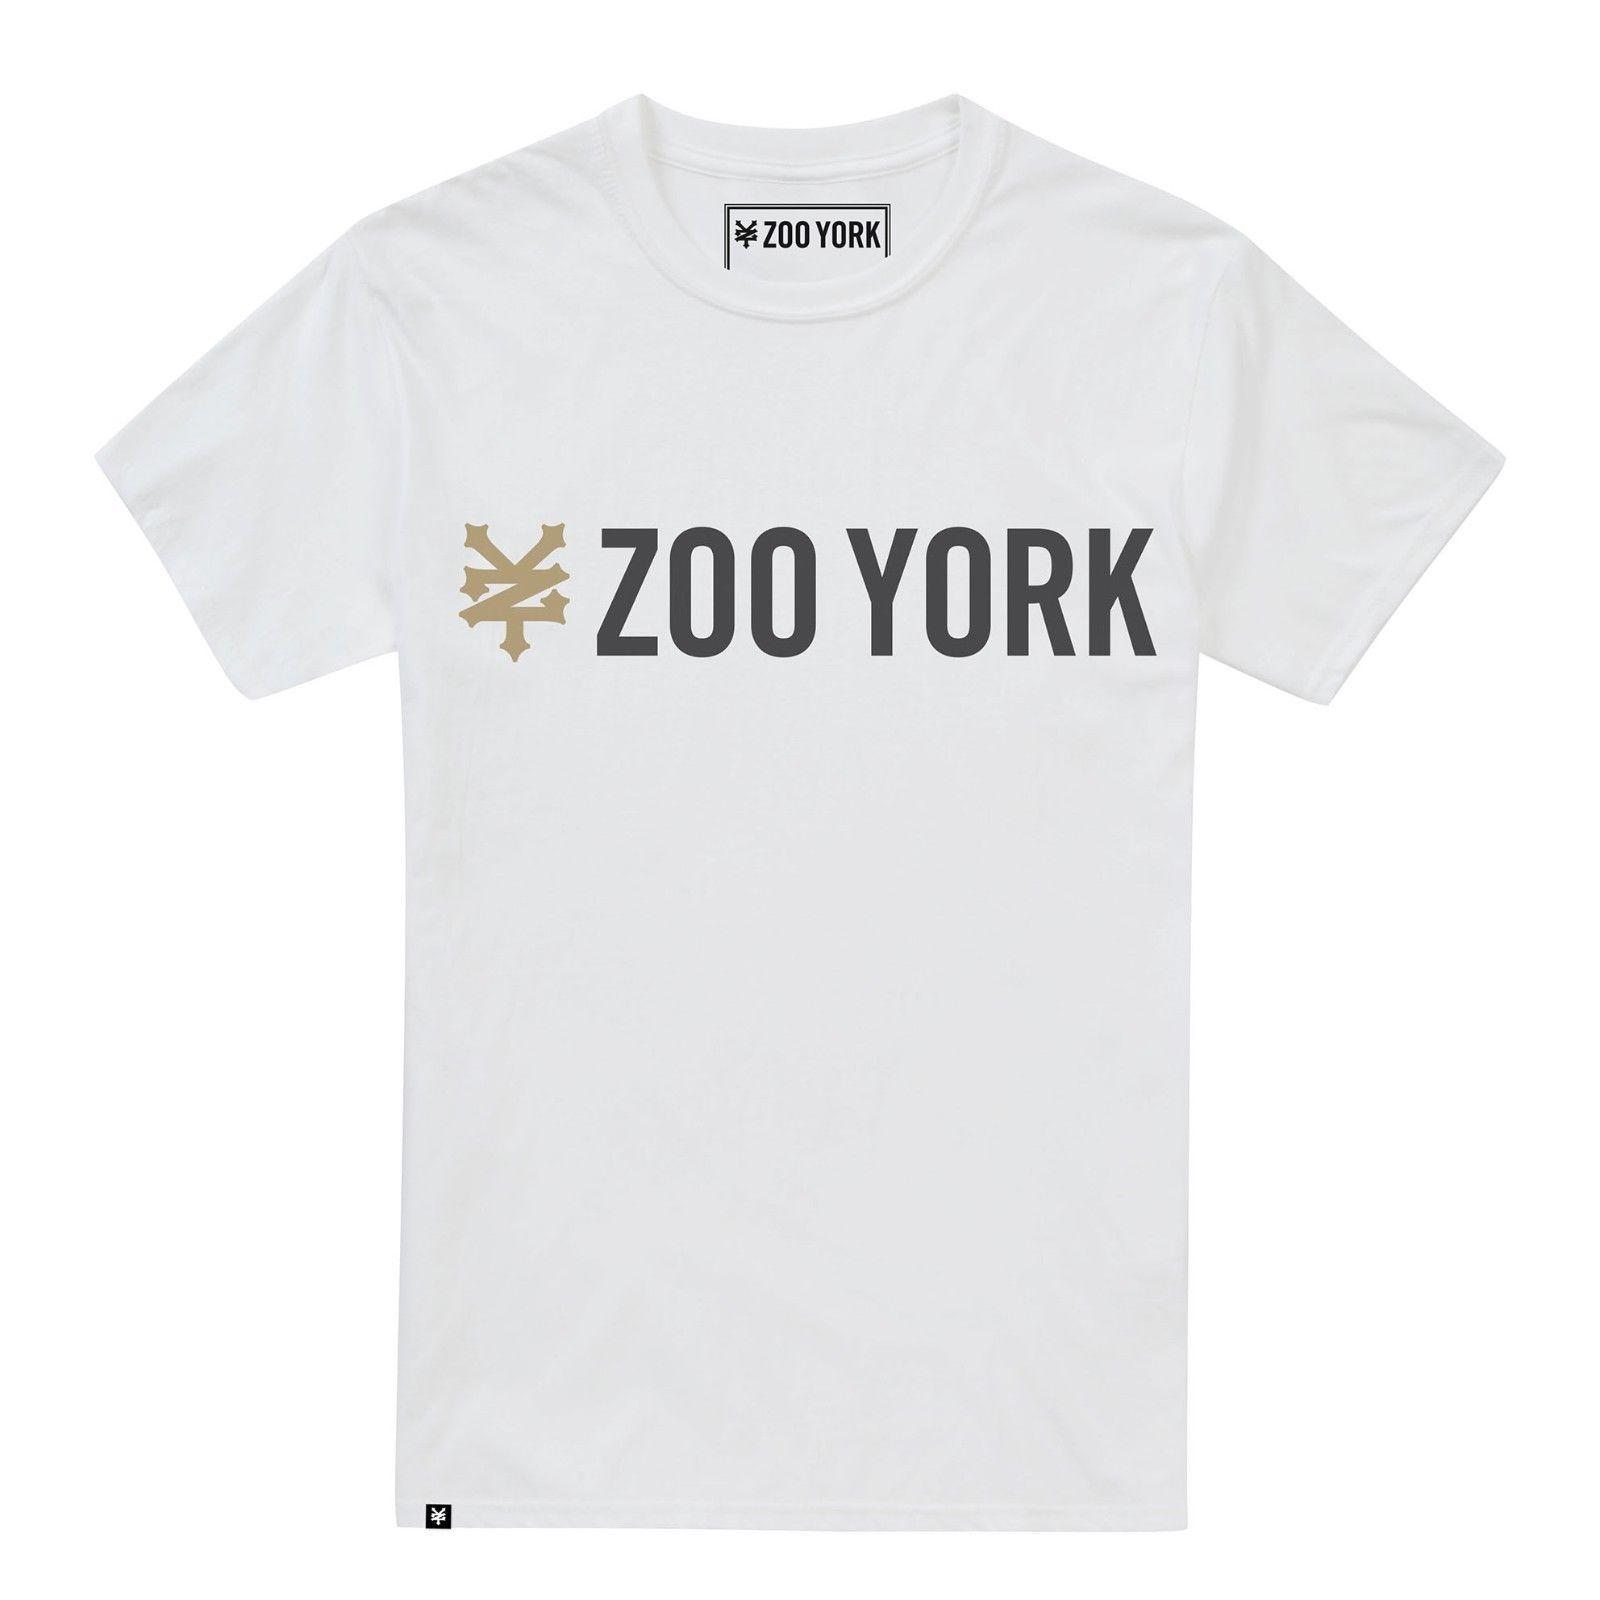 Zoo york t shirt